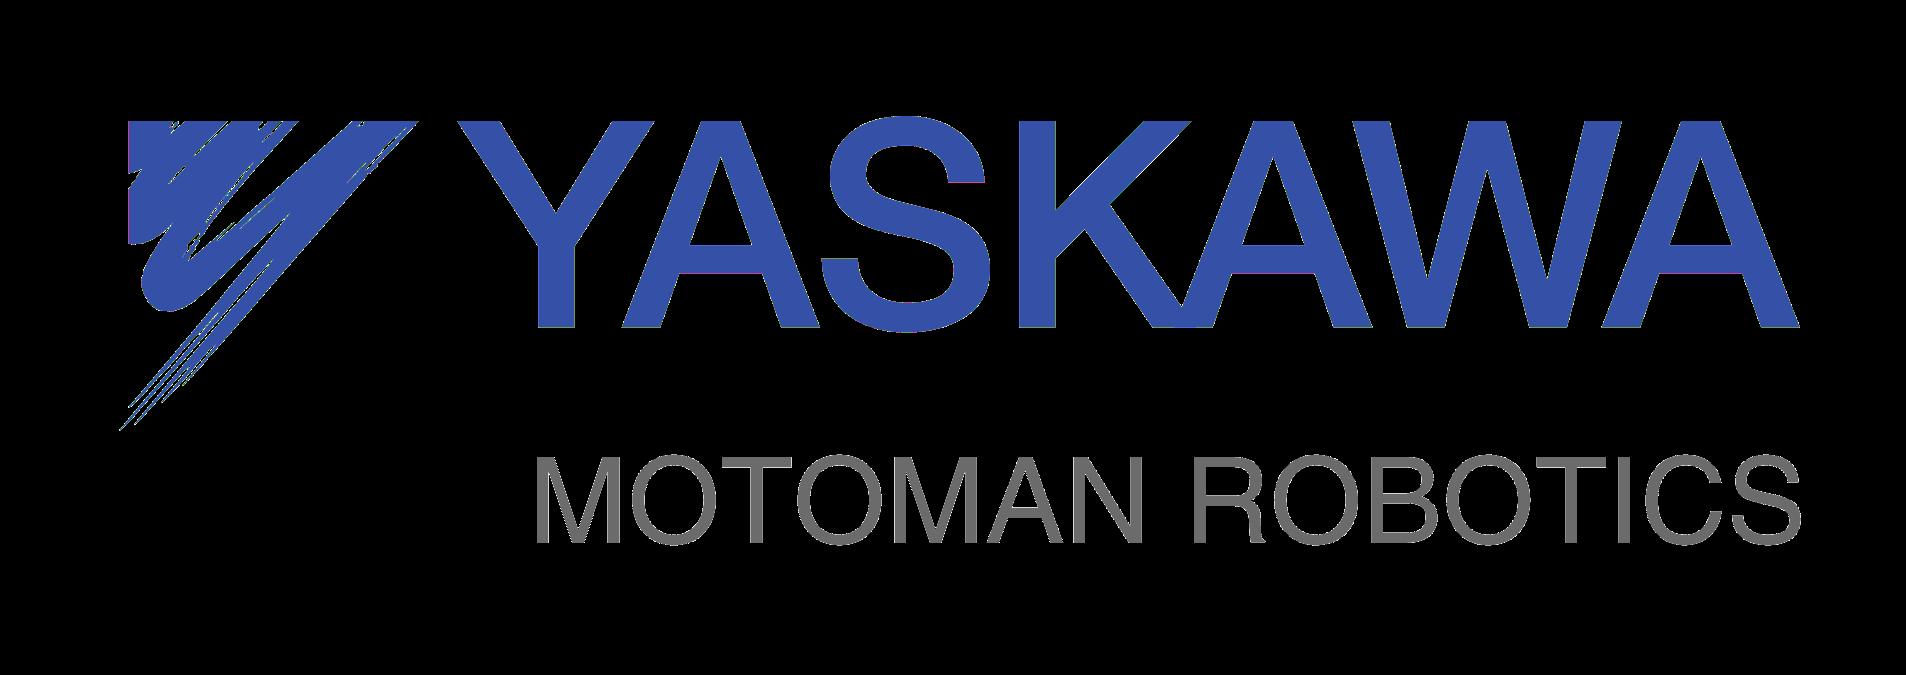 yaskawa-motomanrobotics-logo-1906x675.pn